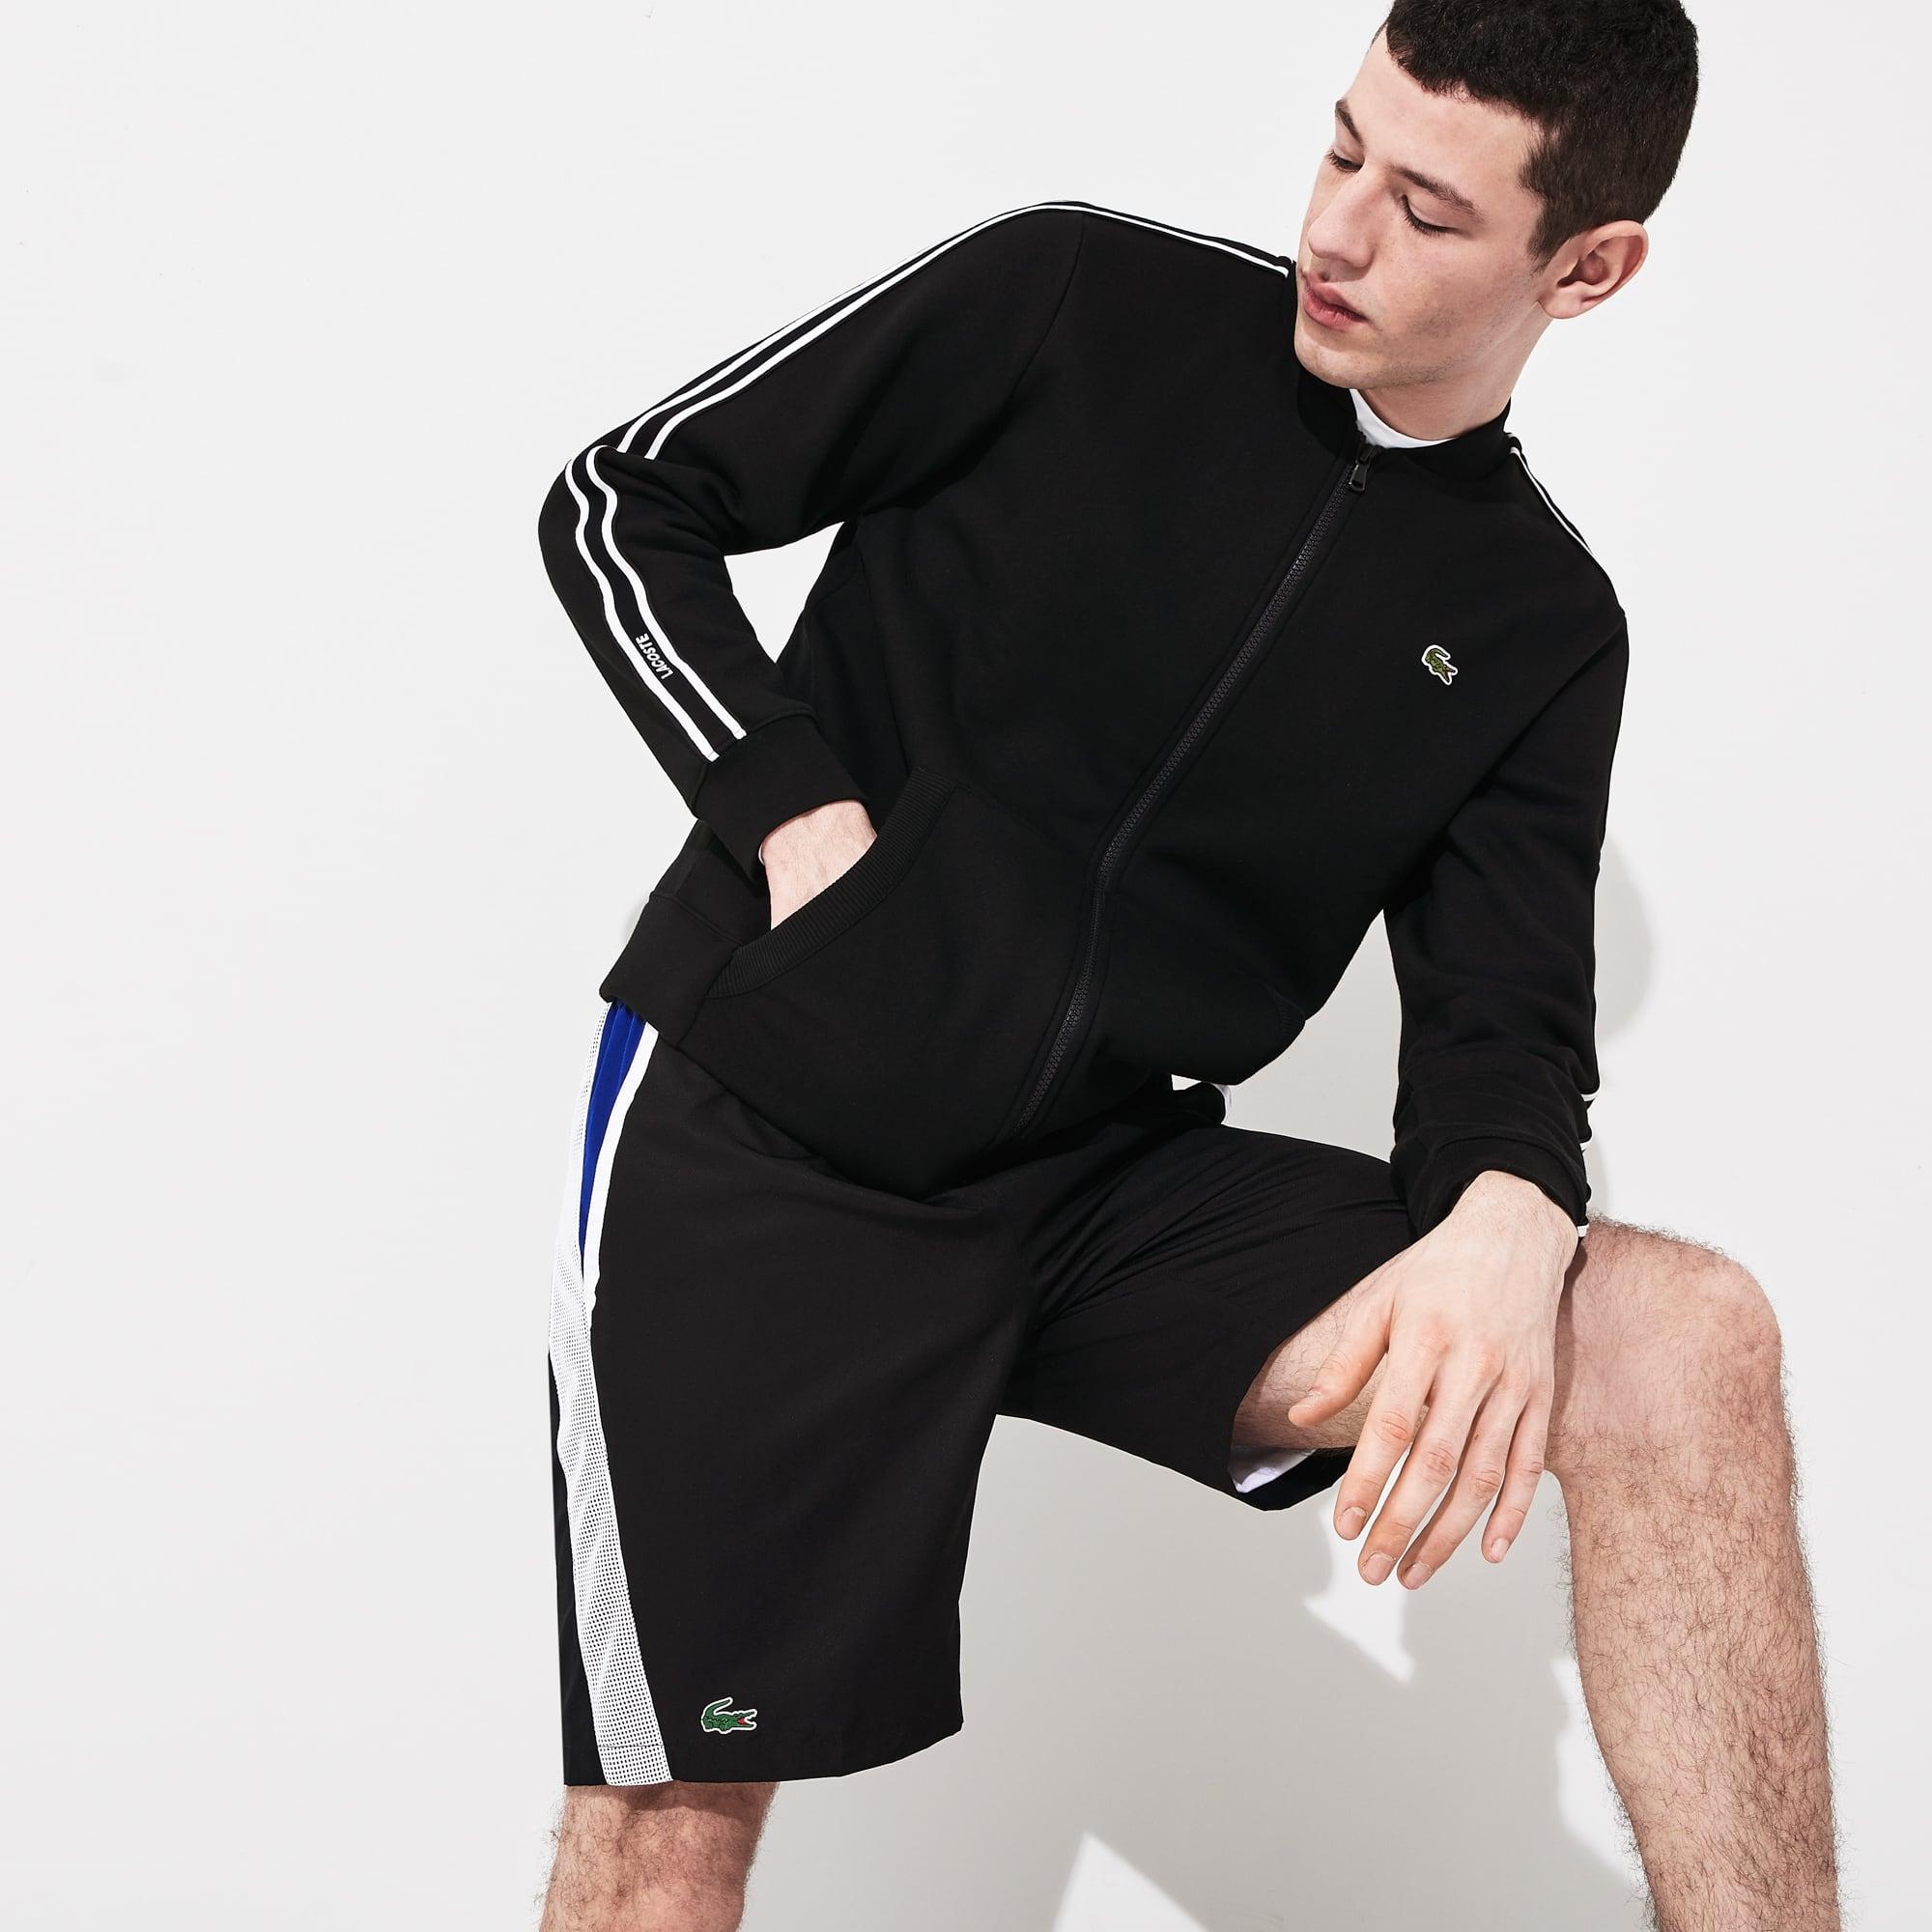 라코스테 스포츠 자켓 Lacoste Mens SPORT Fleece Varsity Jacket,Black / White / Black - 6KJ